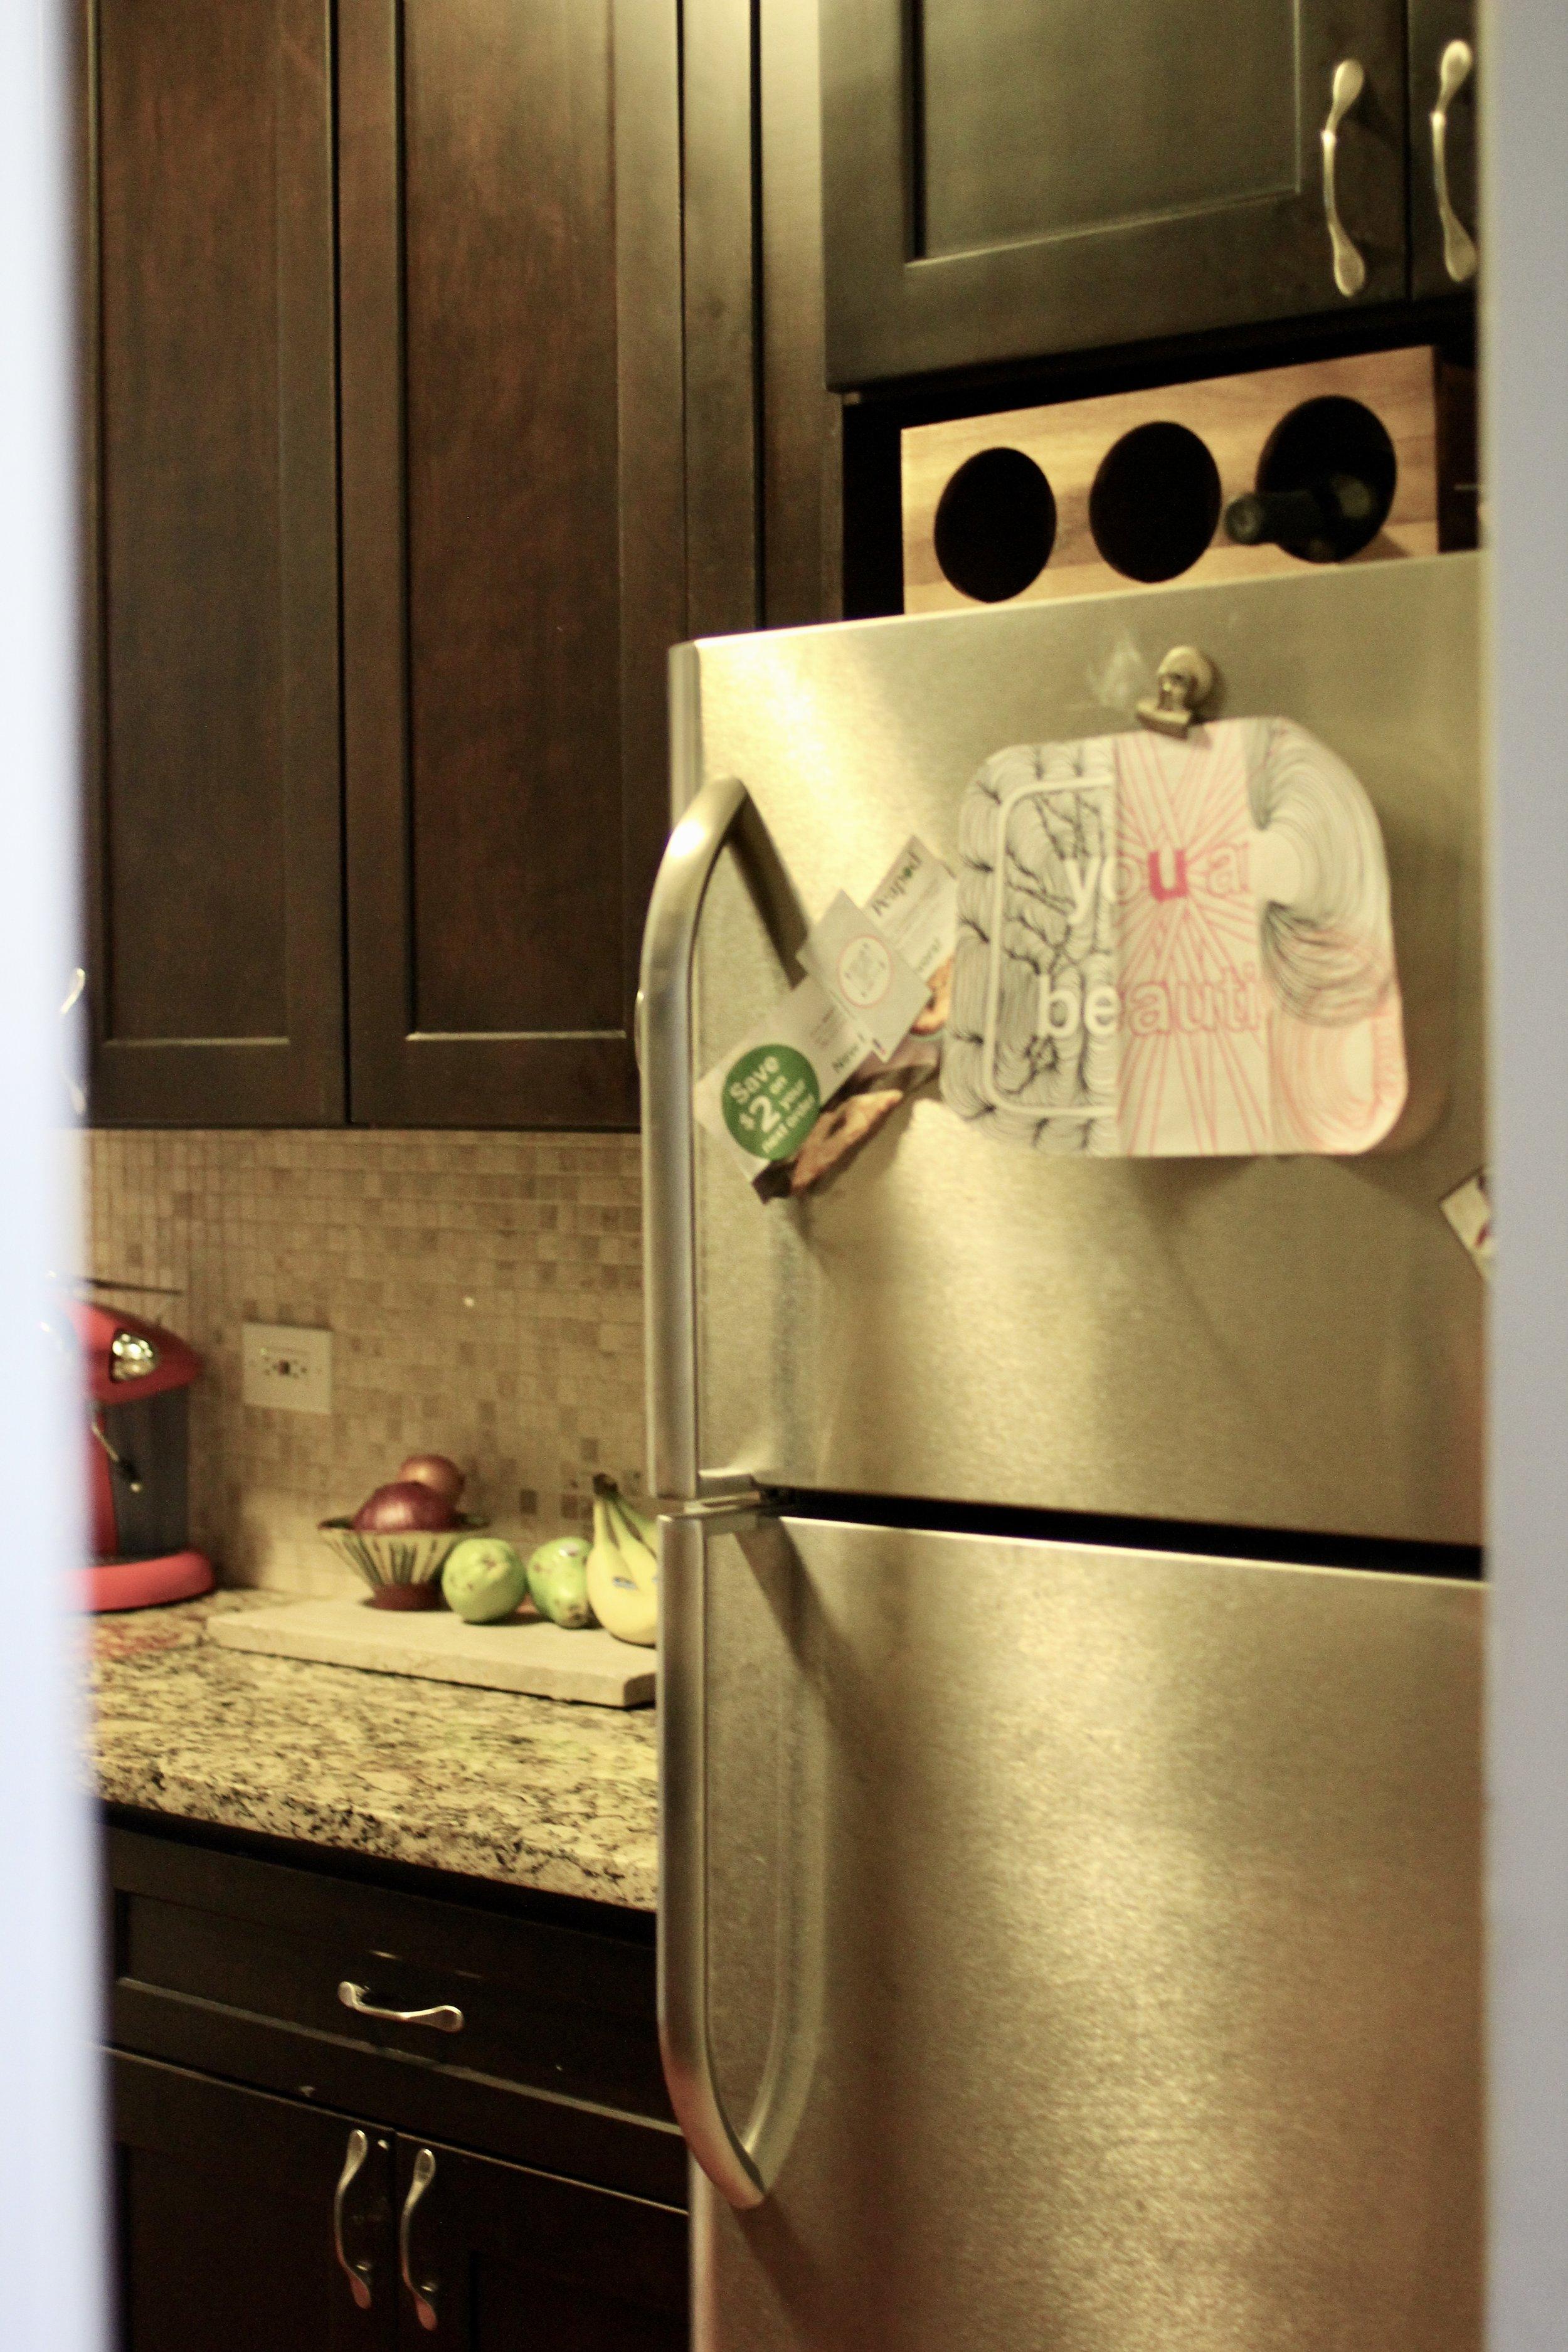 Refrigerator in kitchen decor